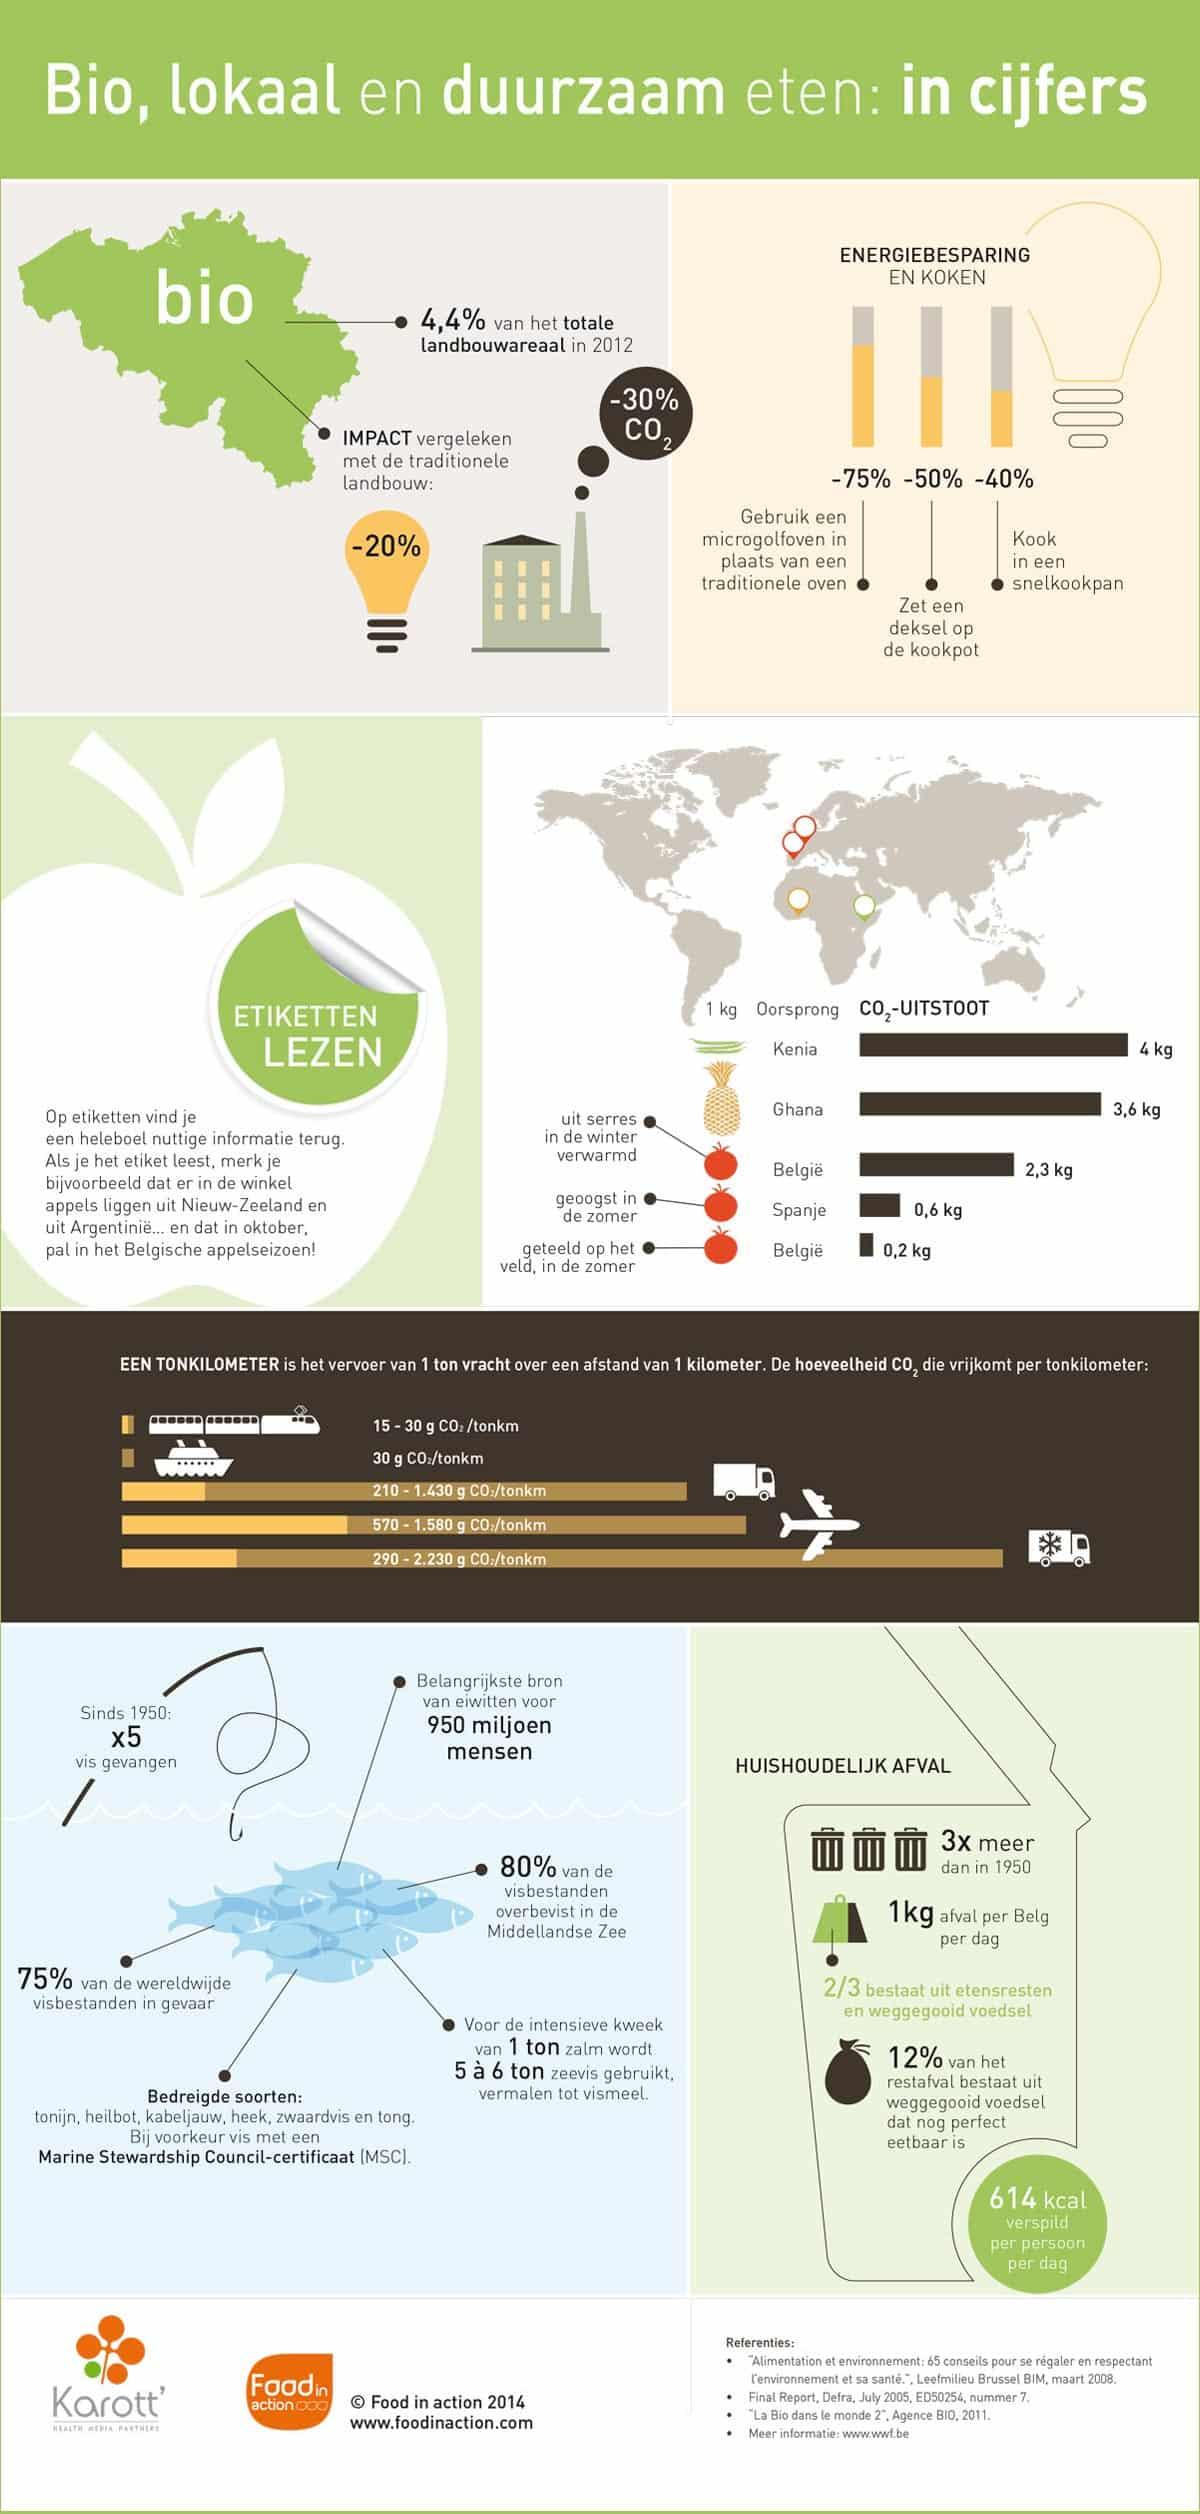 nutrigraphics-bio-lokaal-duurzaam-cijfers